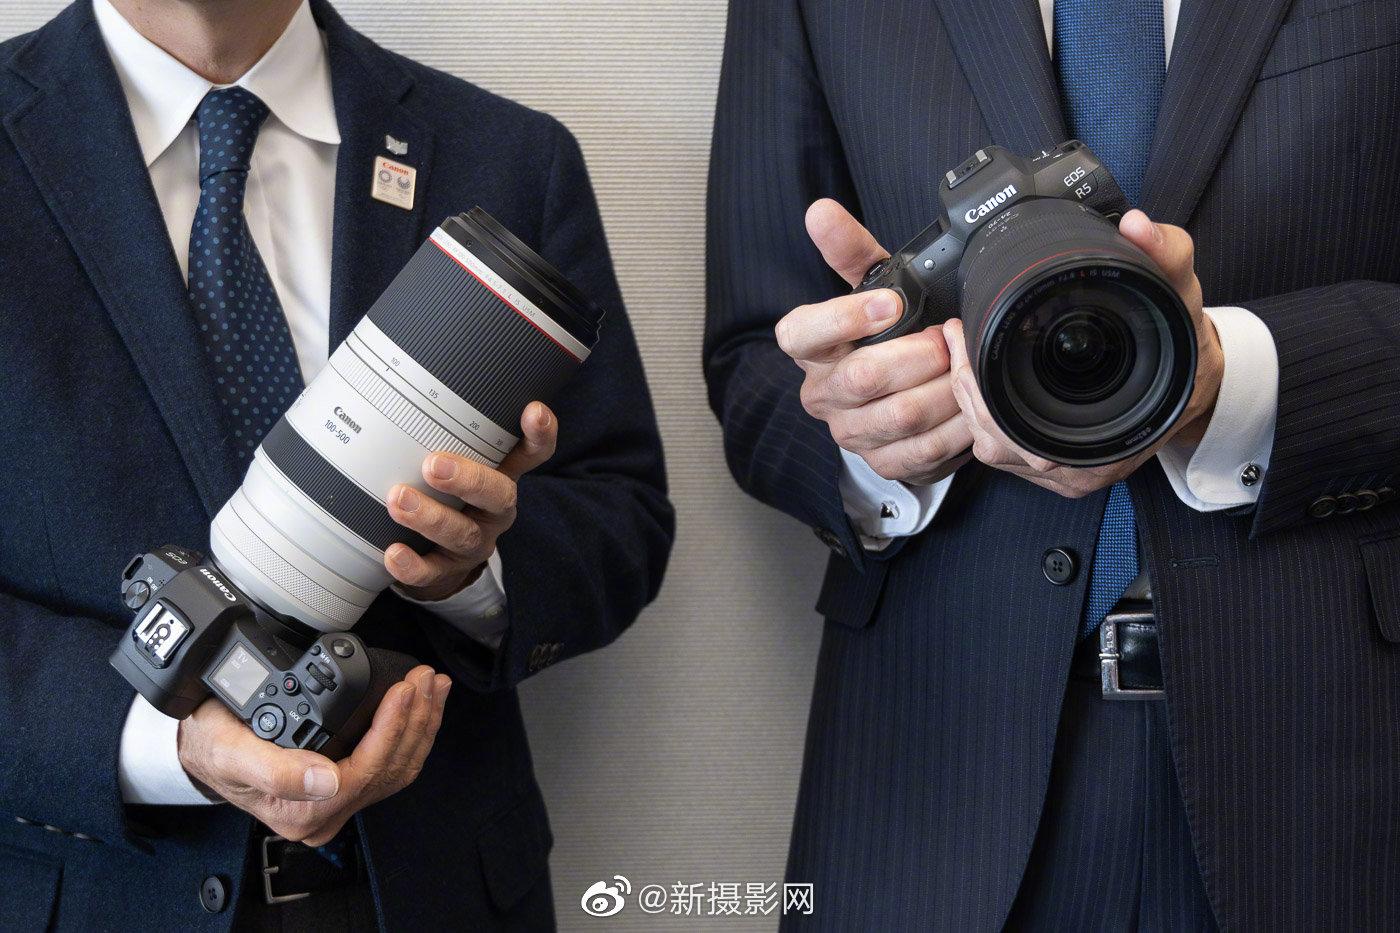 佳能EOS R5相机实拍图详情: